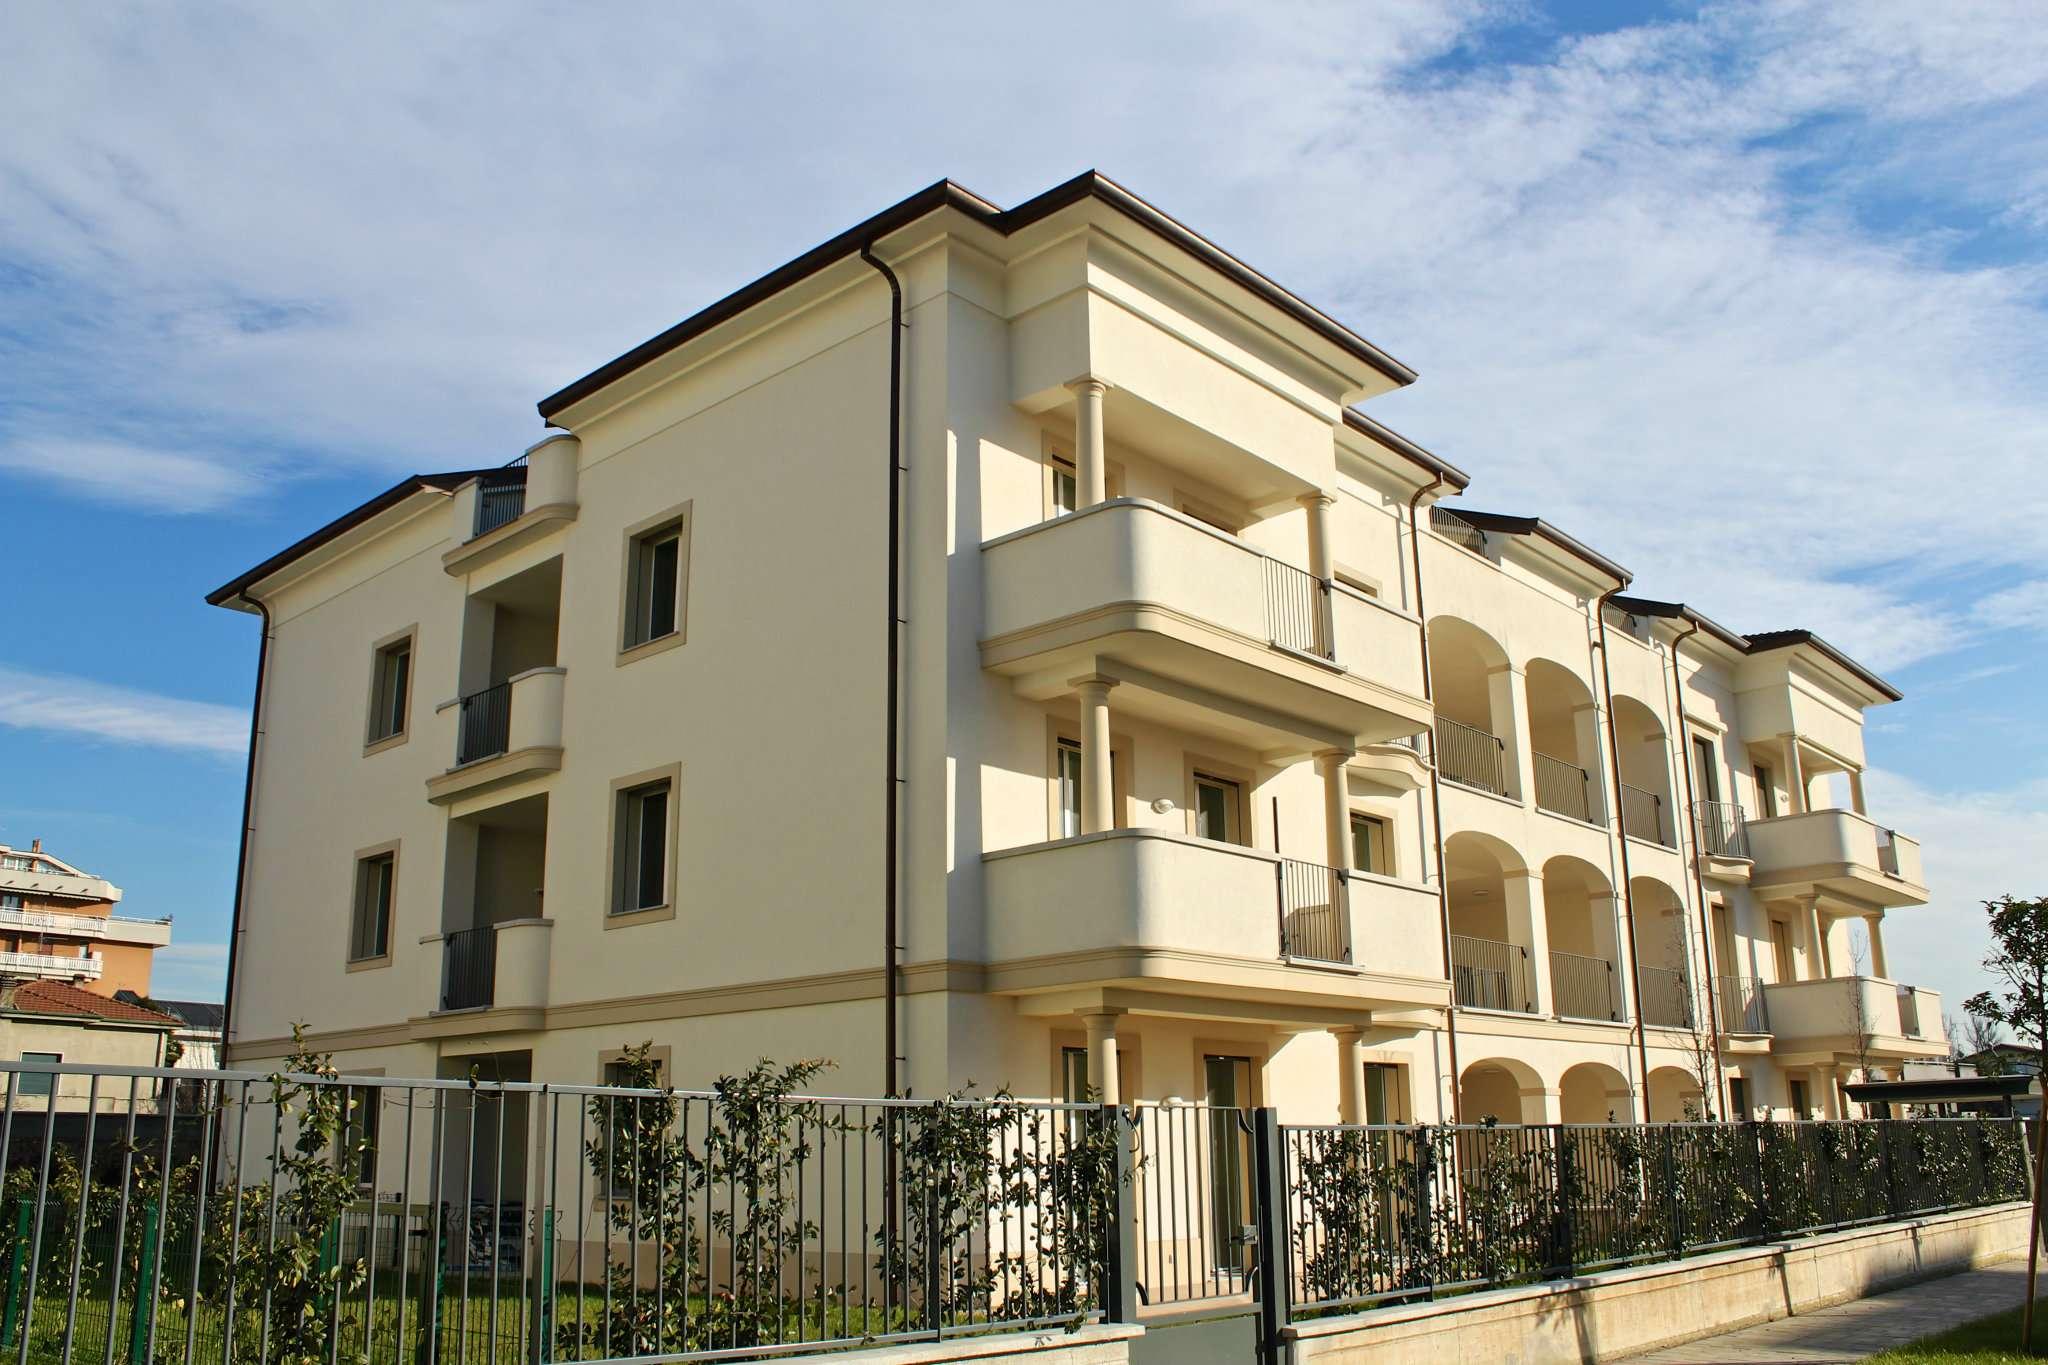 Appartamento in vendita a Biassono, 3 locali, prezzo € 300.000   PortaleAgenzieImmobiliari.it